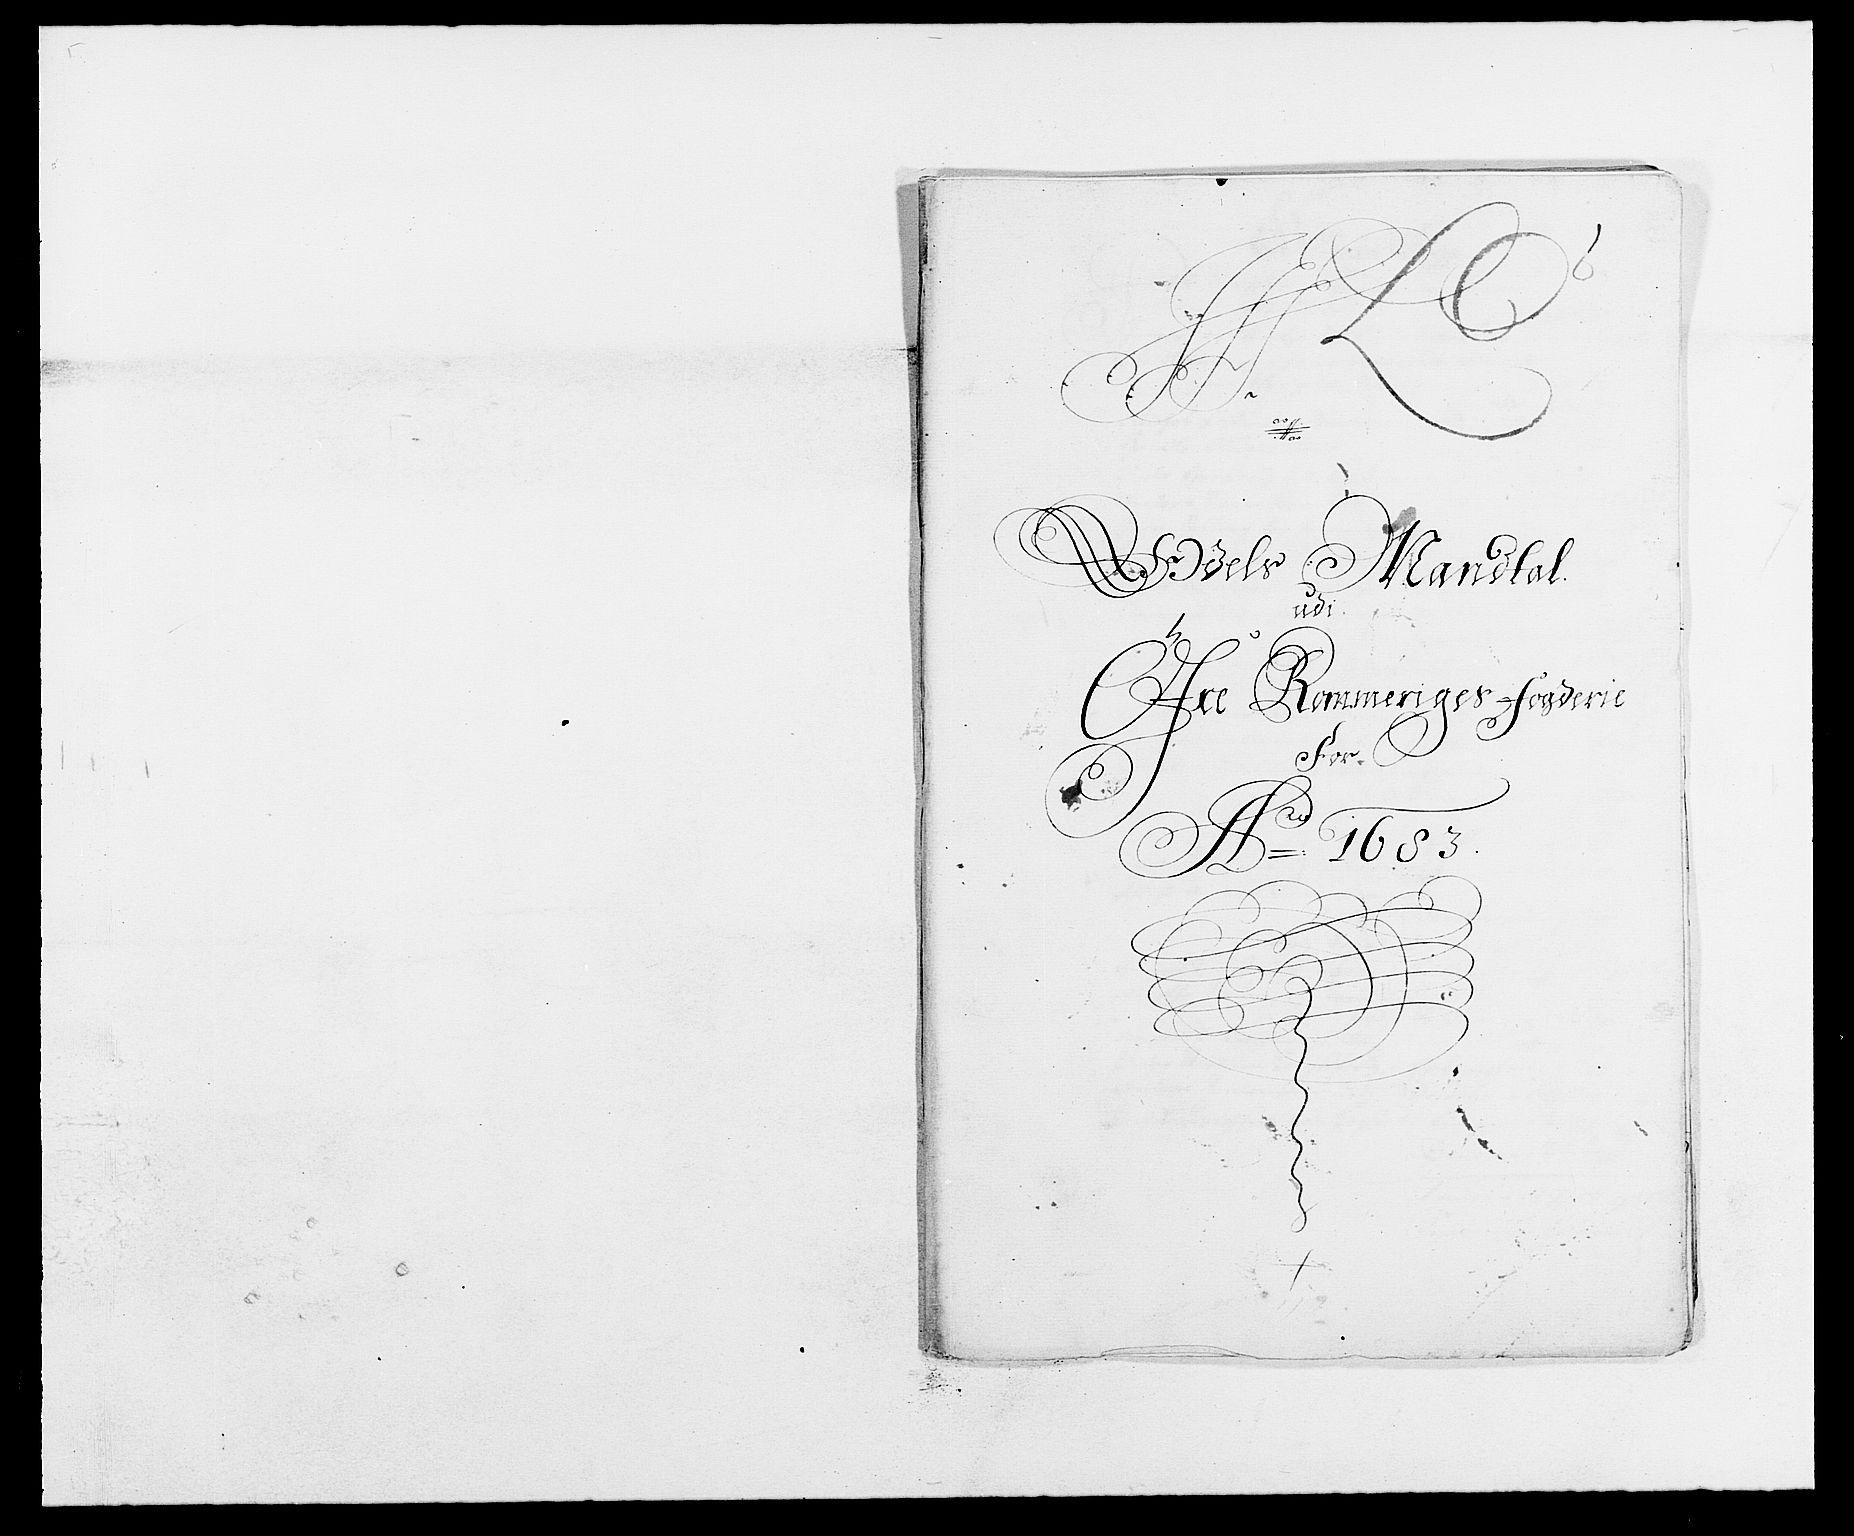 RA, Rentekammeret inntil 1814, Reviderte regnskaper, Fogderegnskap, R12/L0697: Fogderegnskap Øvre Romerike, 1682-1683, s. 298